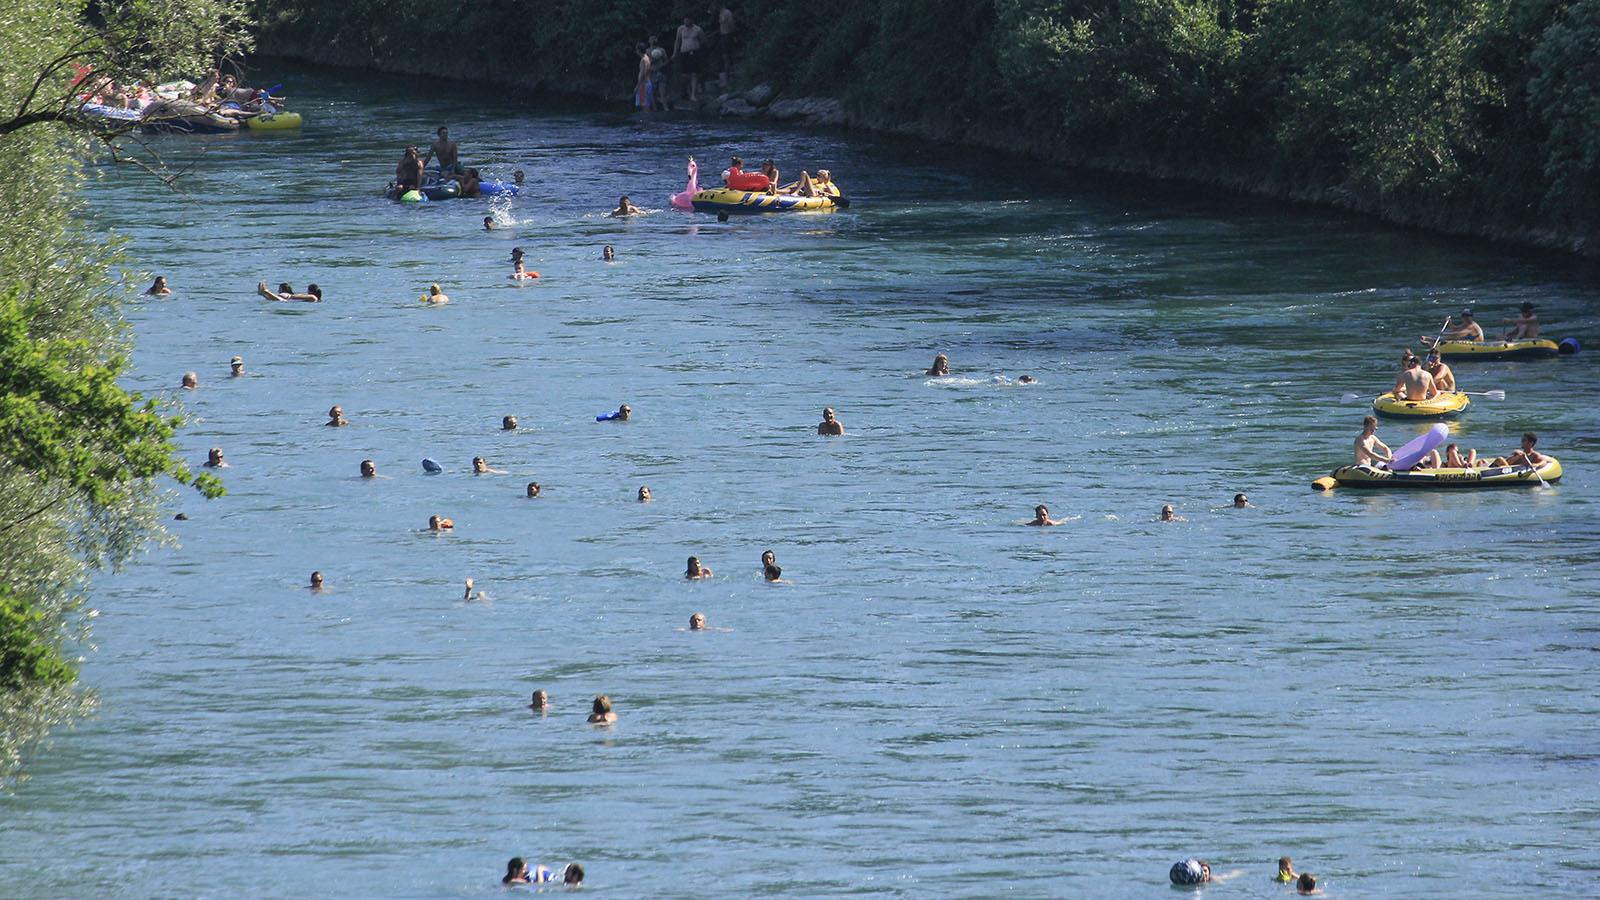 Ab dem Eichholz teilt man sich den Fluss mit zahlreichen Aareschwimmern